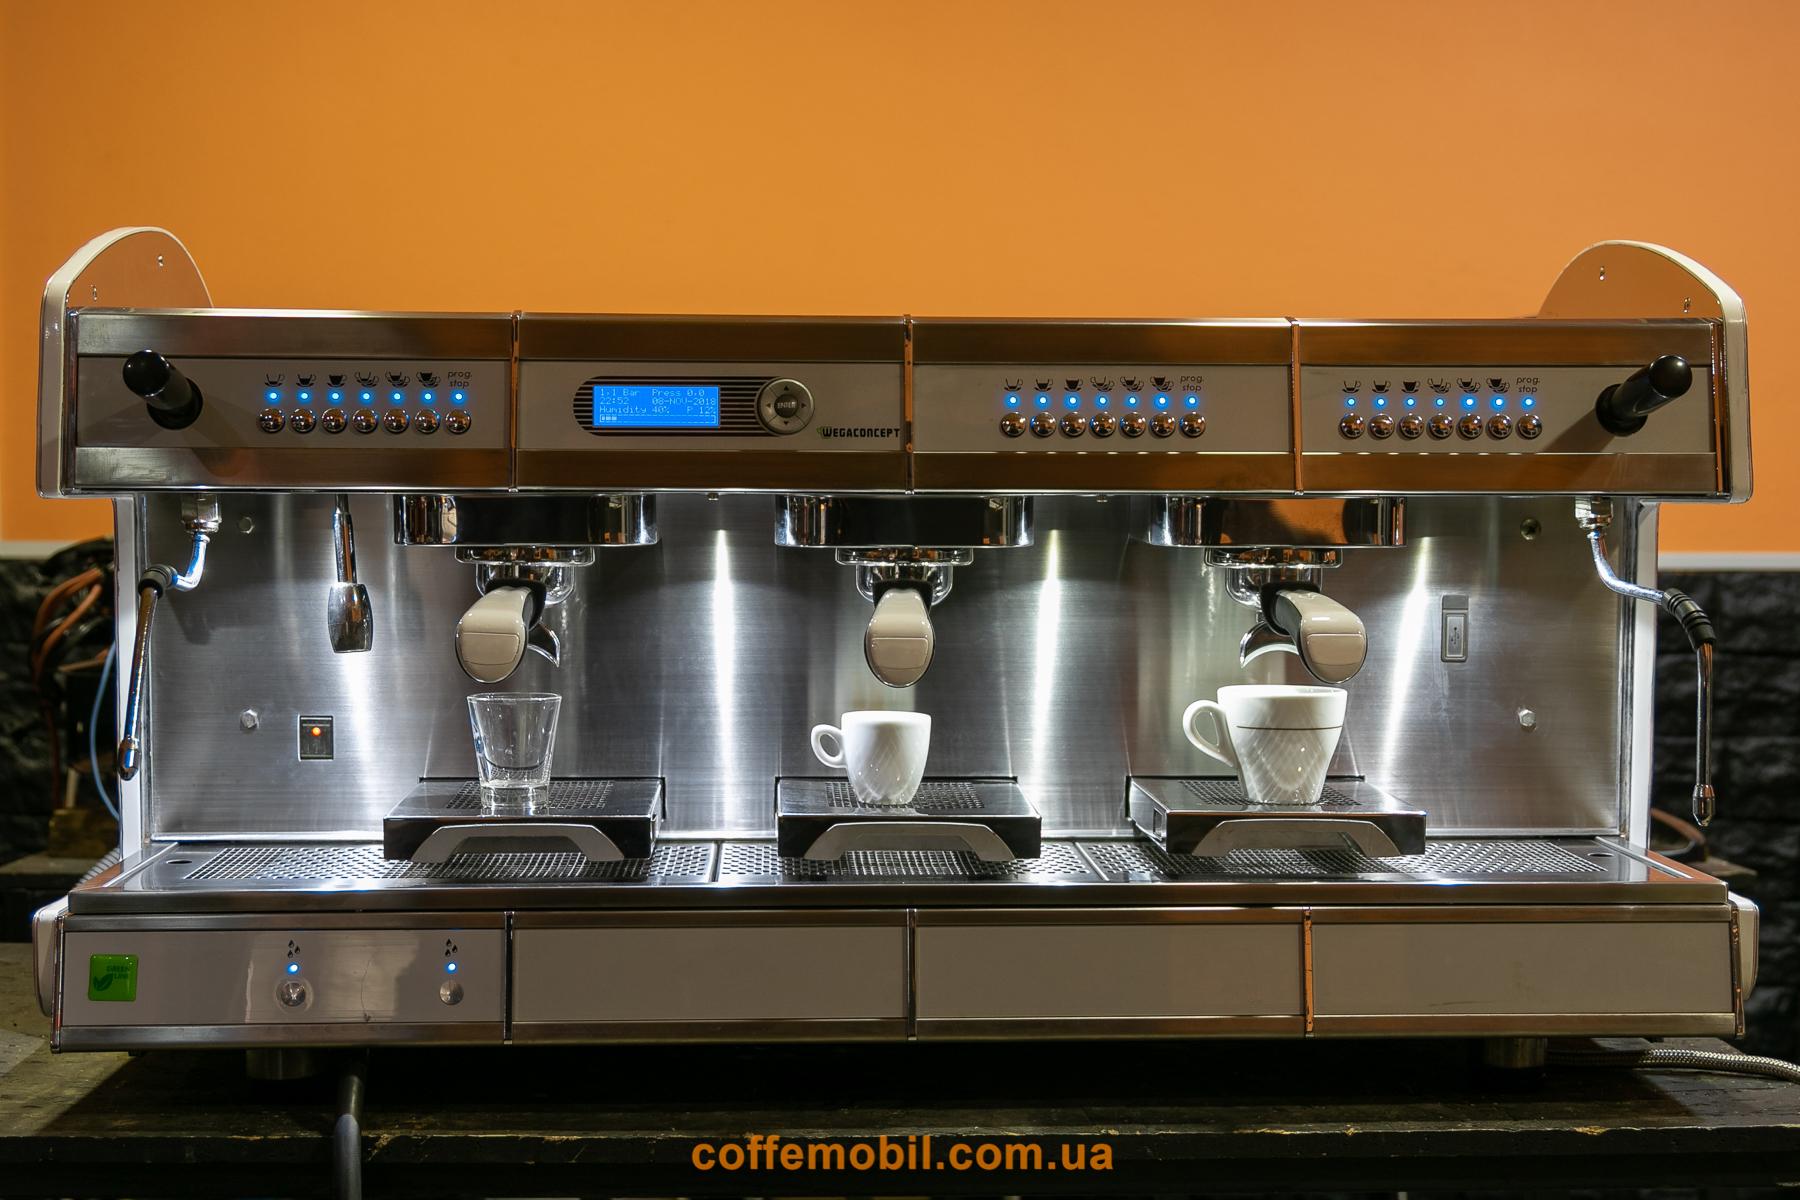 профессиональная мультибойлерная кофеварка wega Concept 3gr